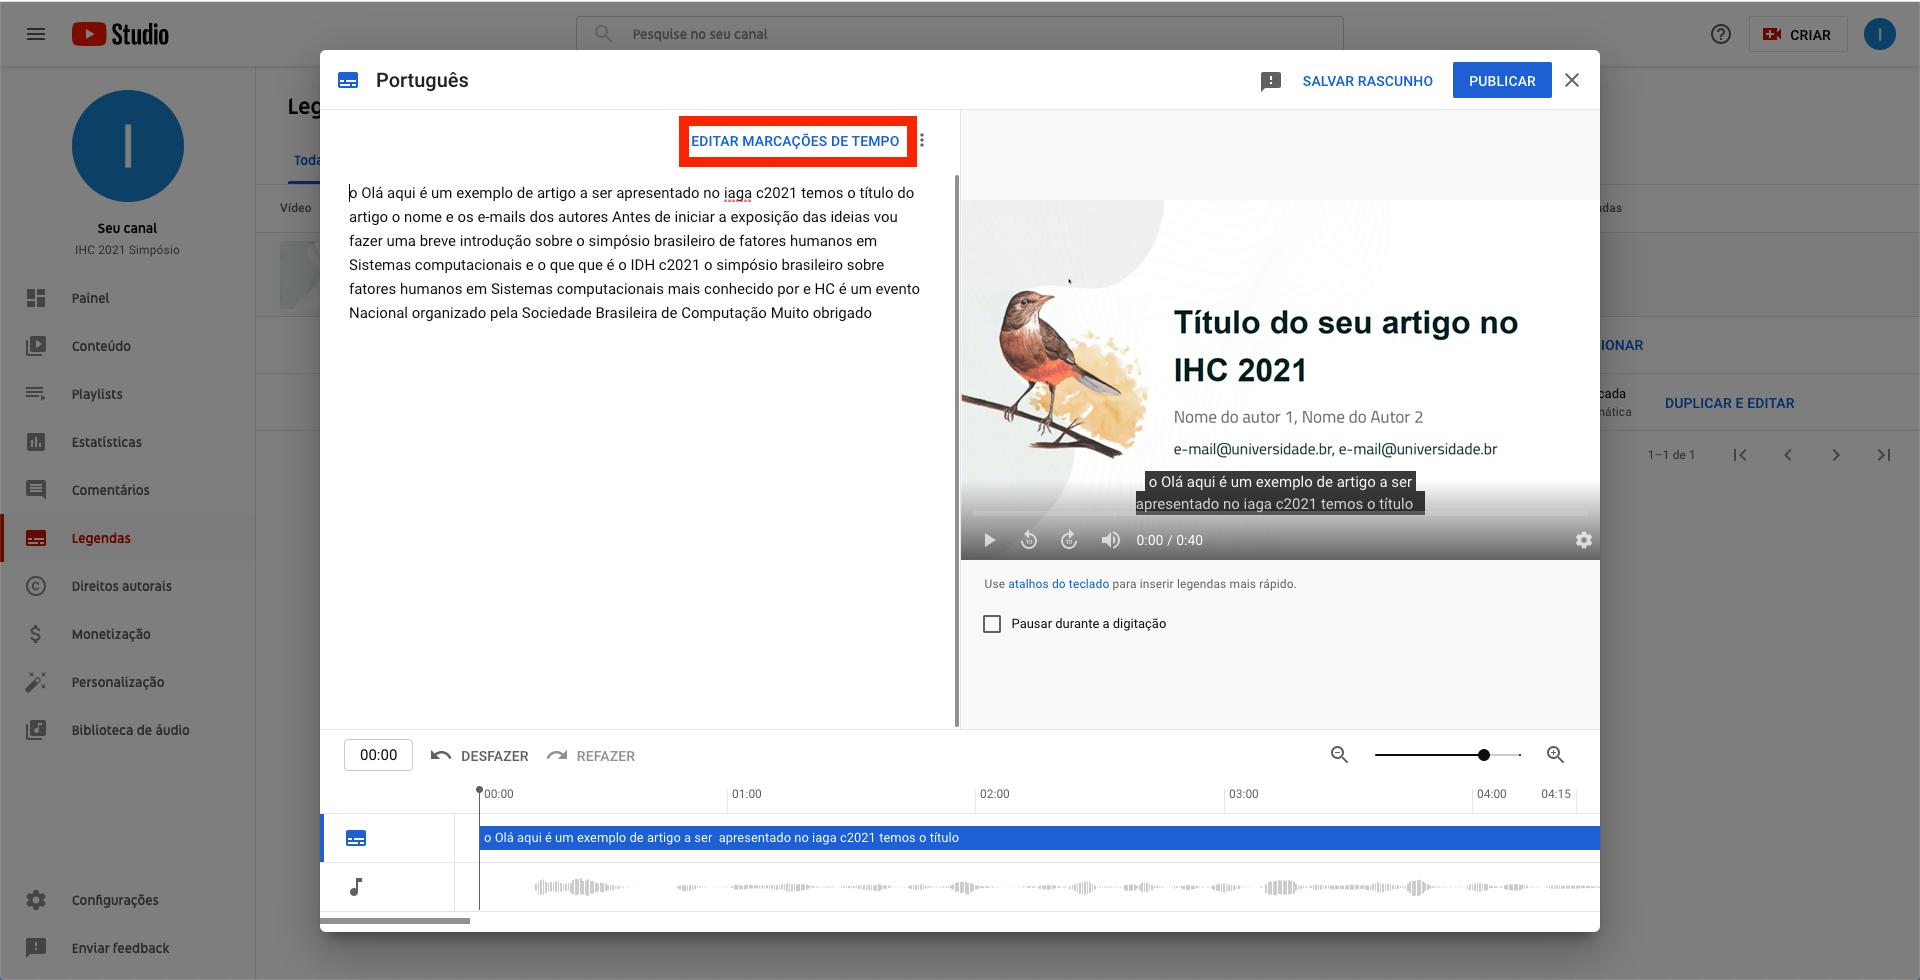 Captura de tela do YouTube. Janela modal contendo a legenda gerada automaticamente pelo YouTube, com destaque para o link 'Editar marcações de tempo' na área superior da janela. O link está destacado com uma borda vermelha